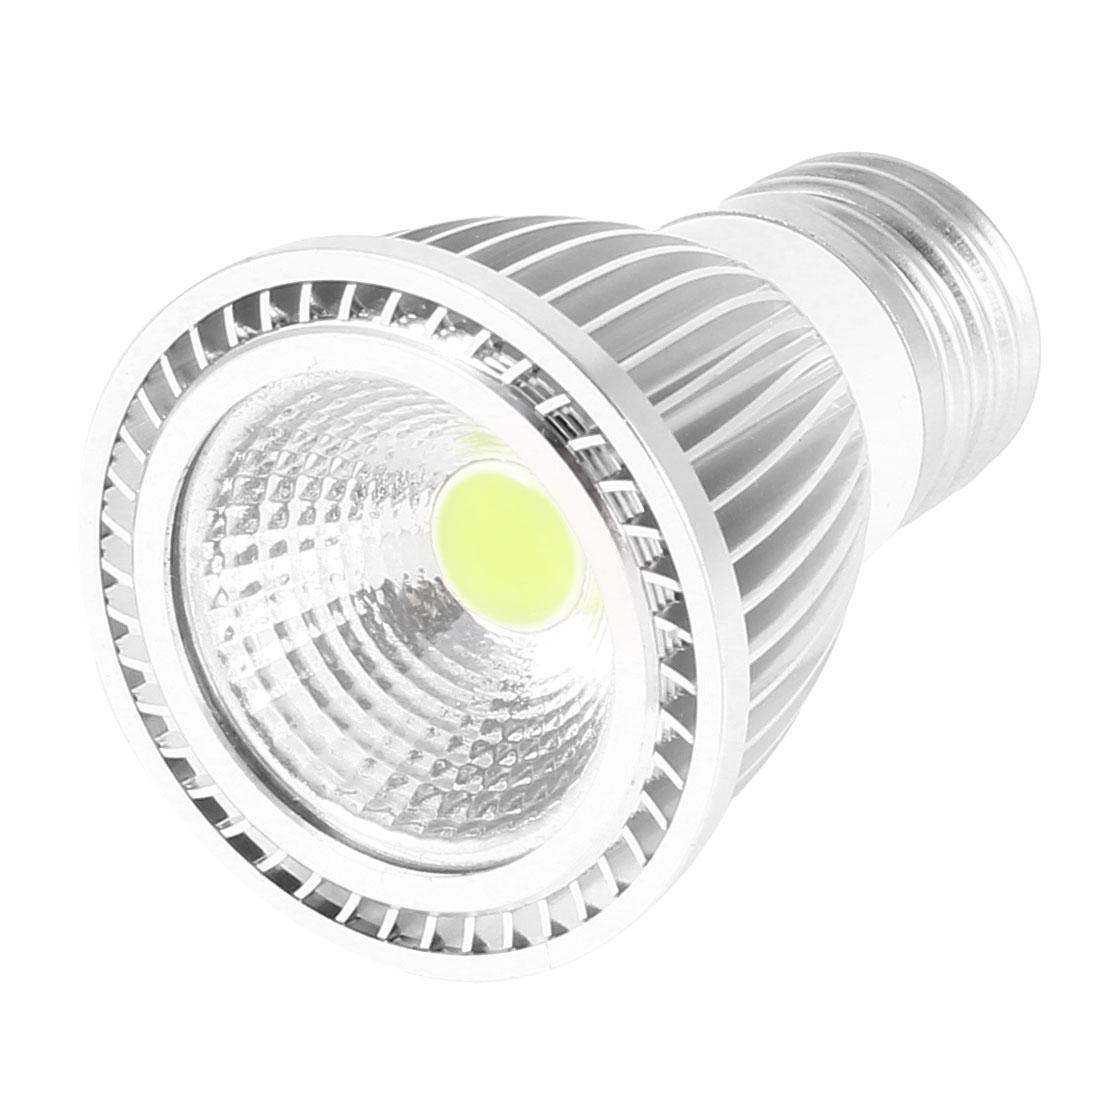 AC 85-265V E27 Base 5Watt White LED Light Energy Saving Ceiling COB Spotlight Bulb